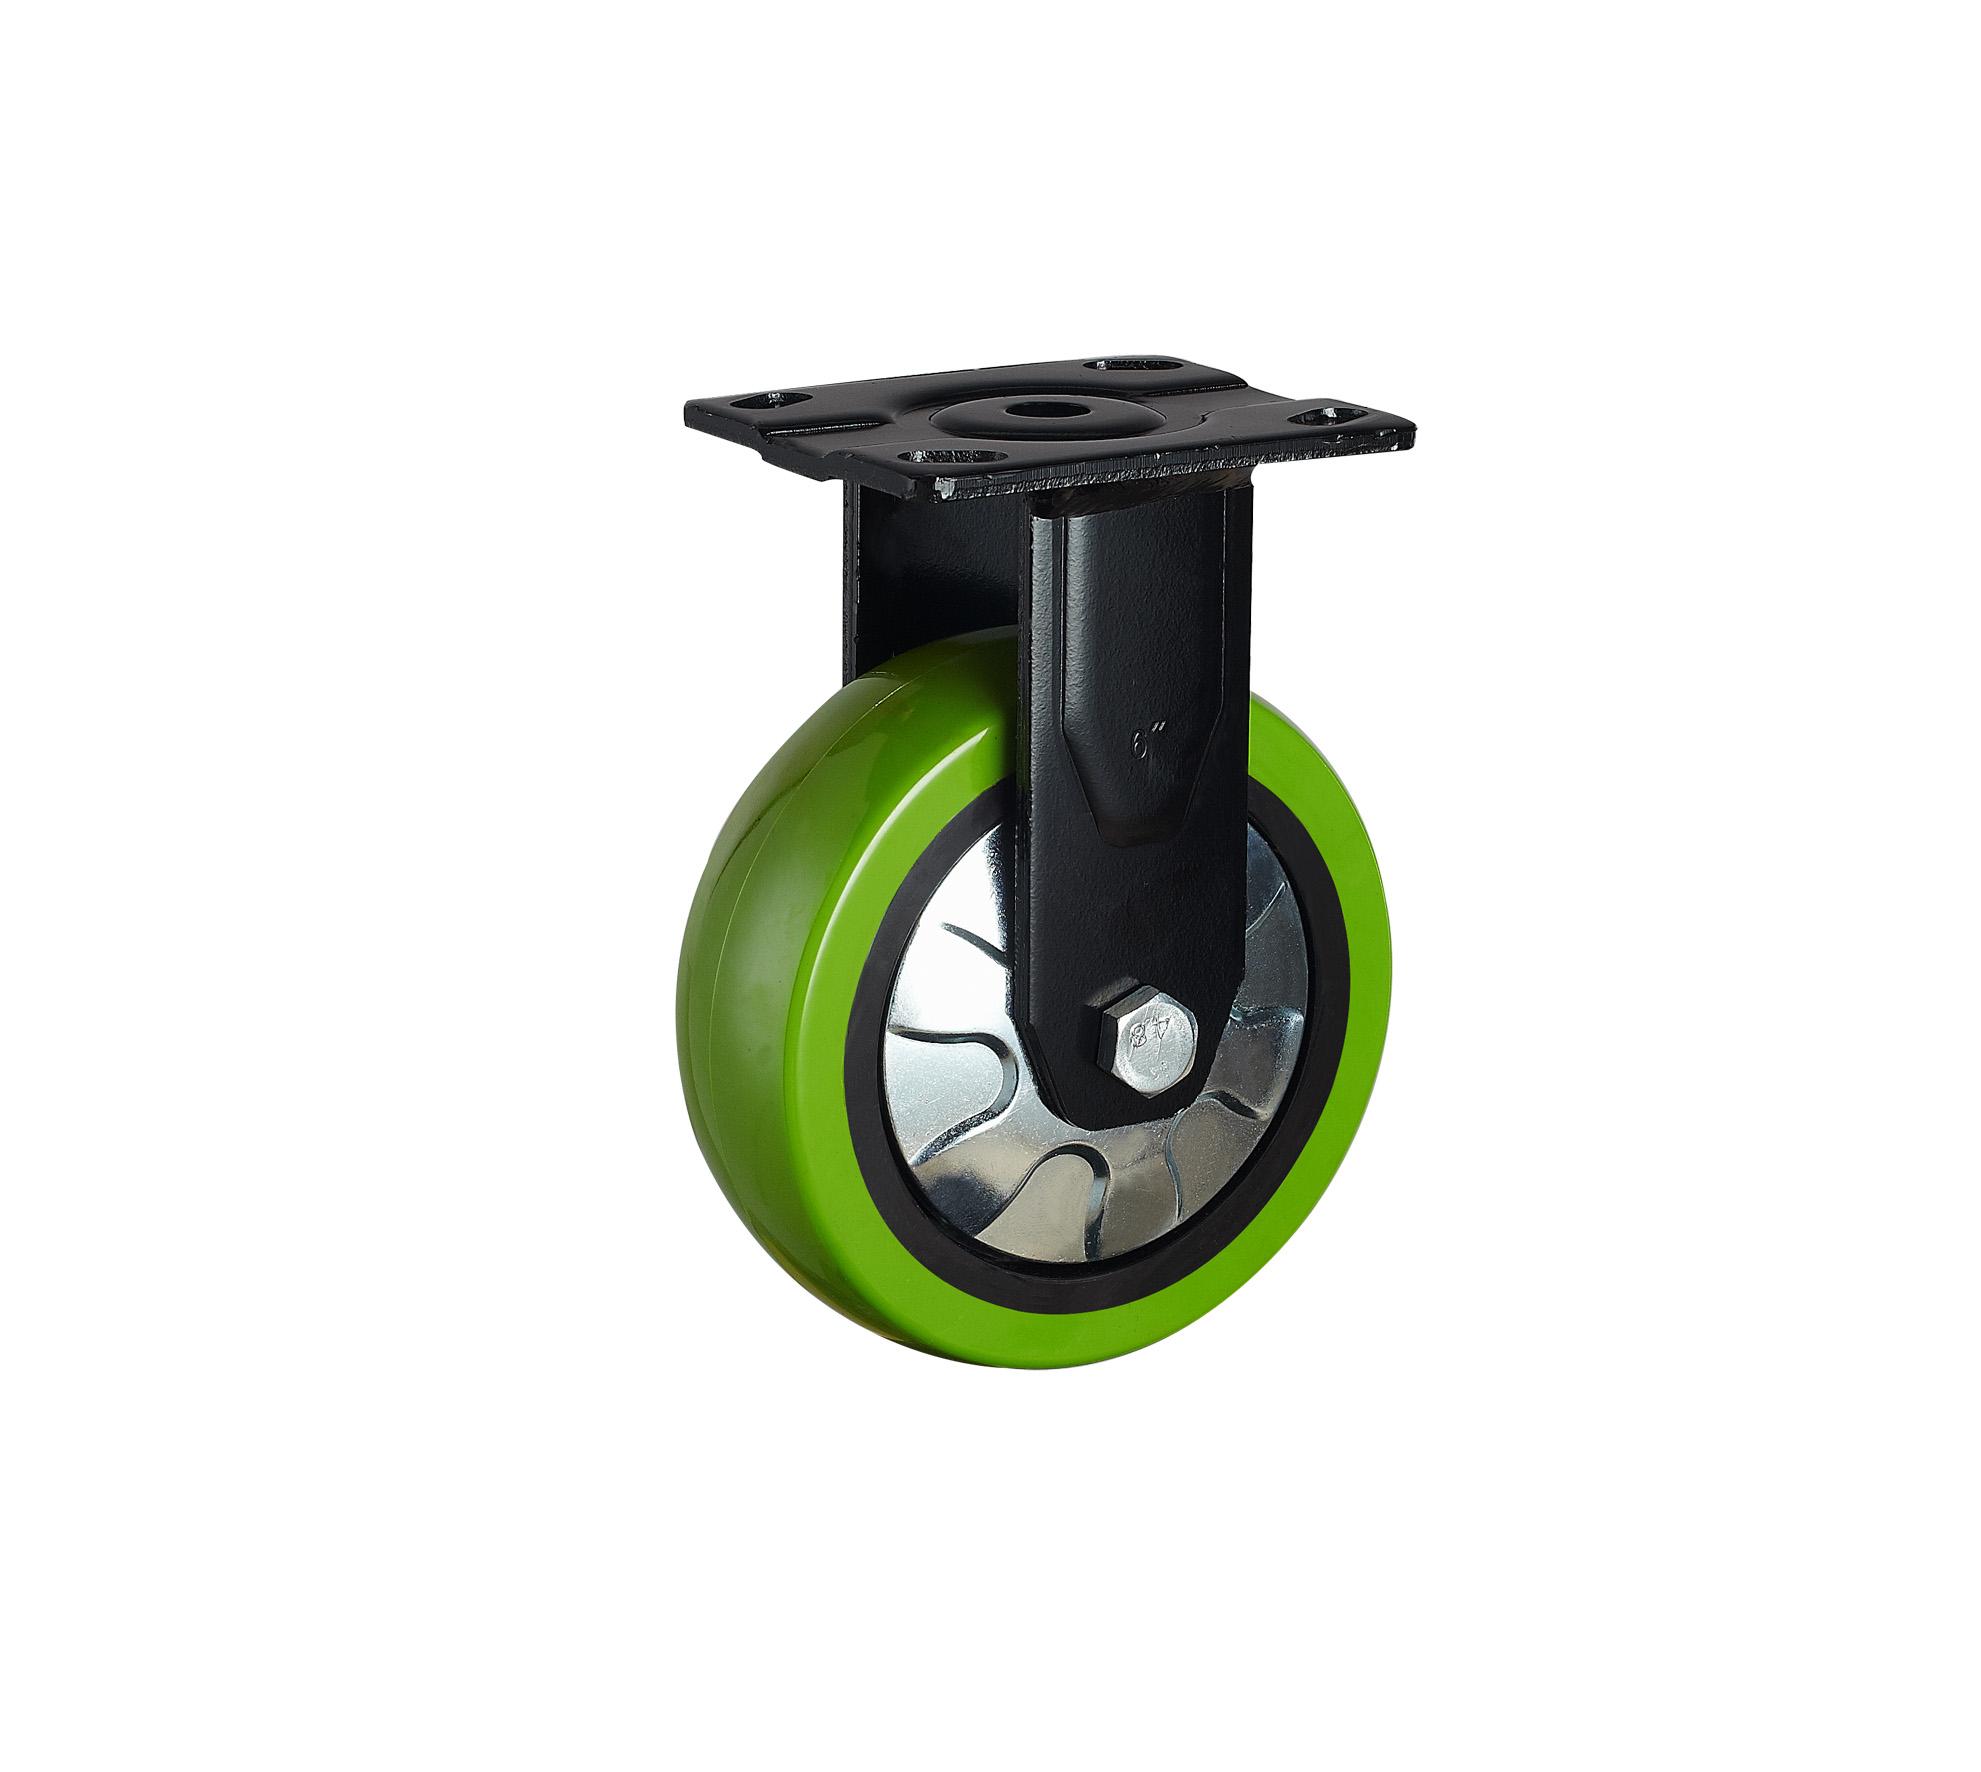 供应重型固定苹果绿PU轮/重型活动苹果绿PU轮/重型刹车苹果绿PU轮